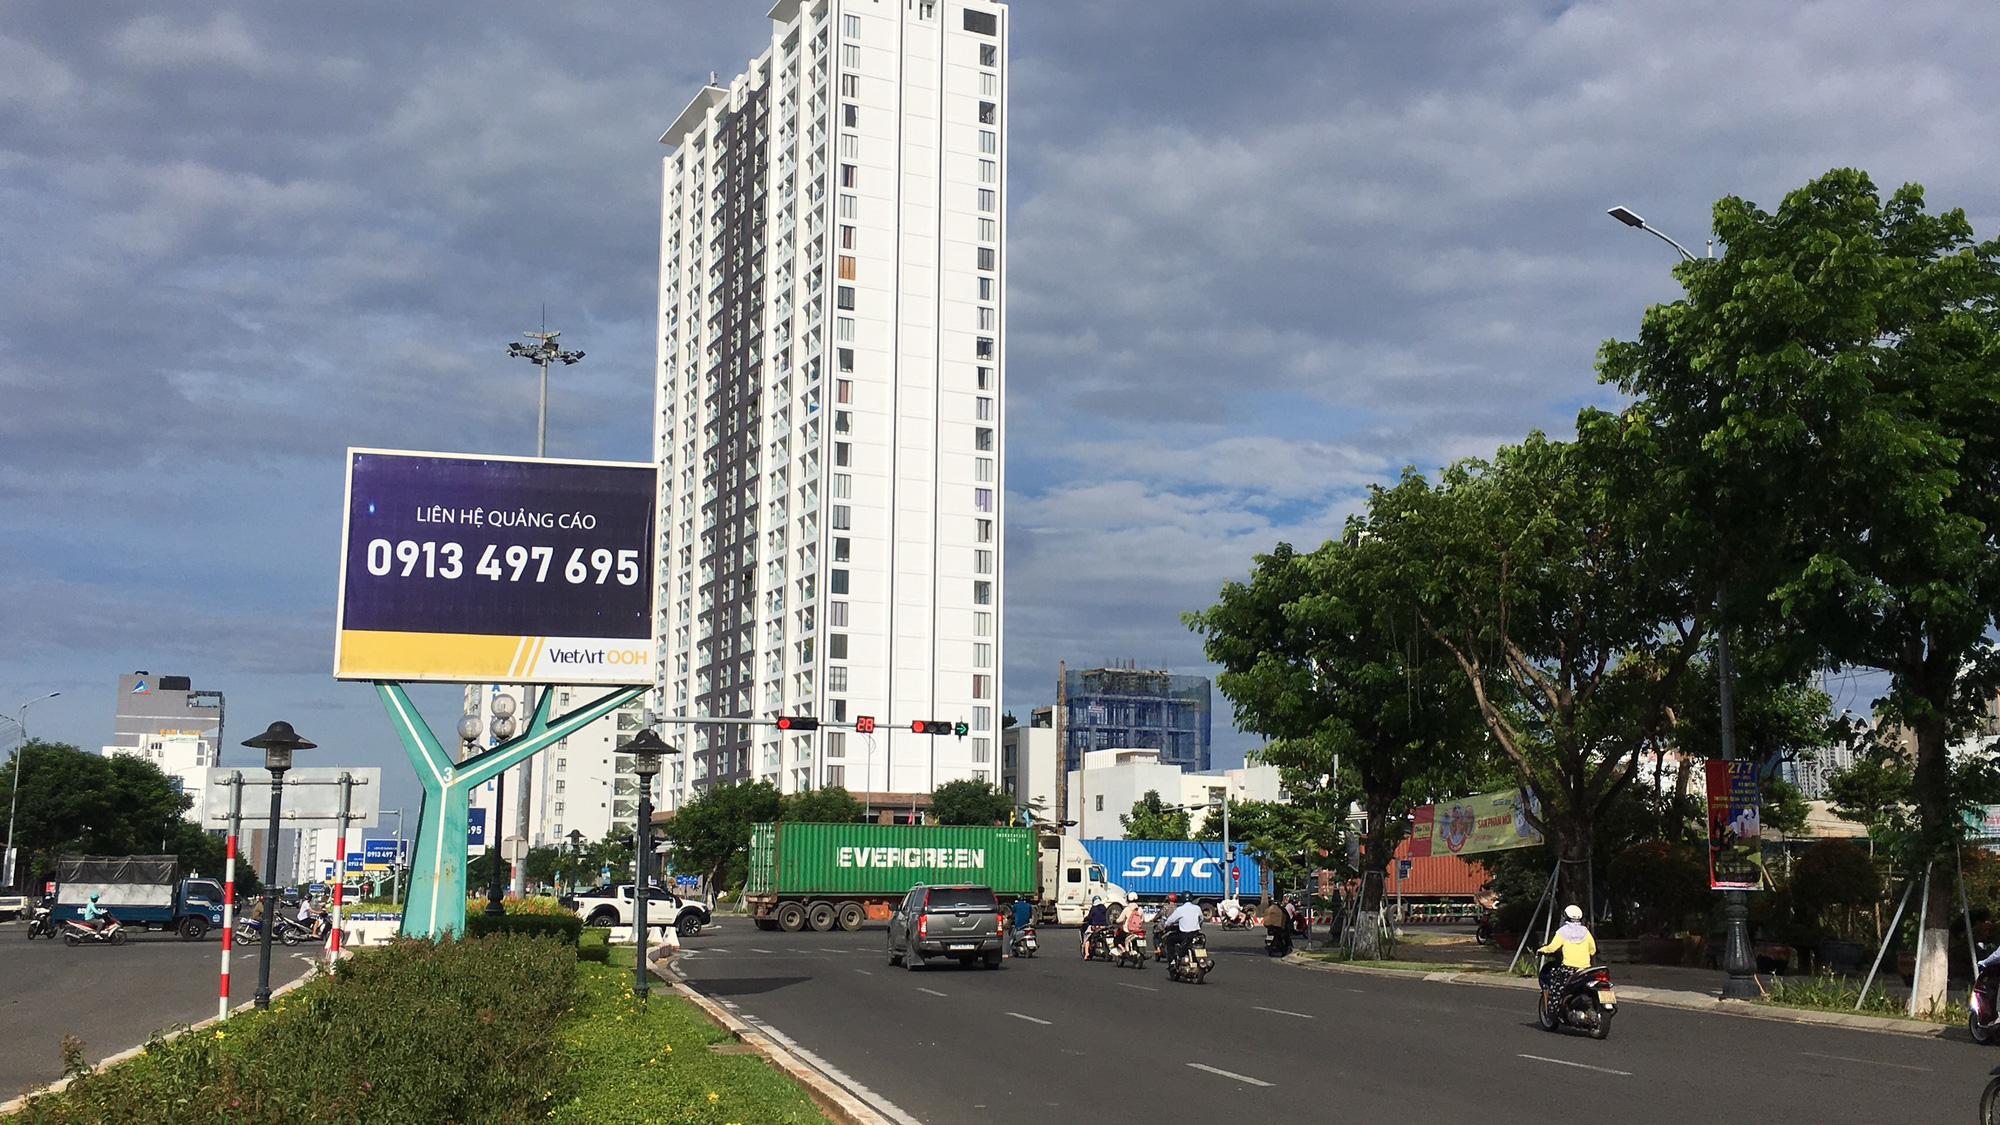 Cận cảnh hai khu đất mặt tiền đường Võ Văn Kiệt - Ngô Quyền, Đà Nẵng sẽ đấu giá xây dựng dự án cao 30 tầng - Ảnh 3.